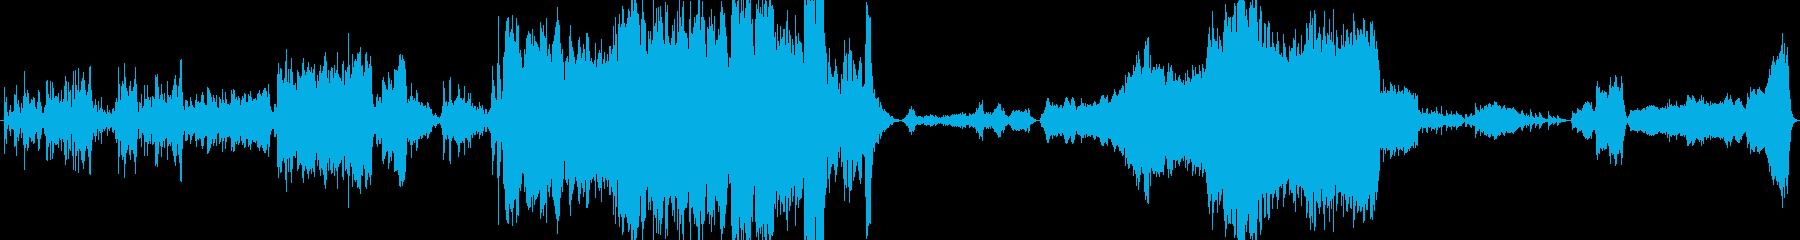 劇的に展開するオーケストラ曲の再生済みの波形